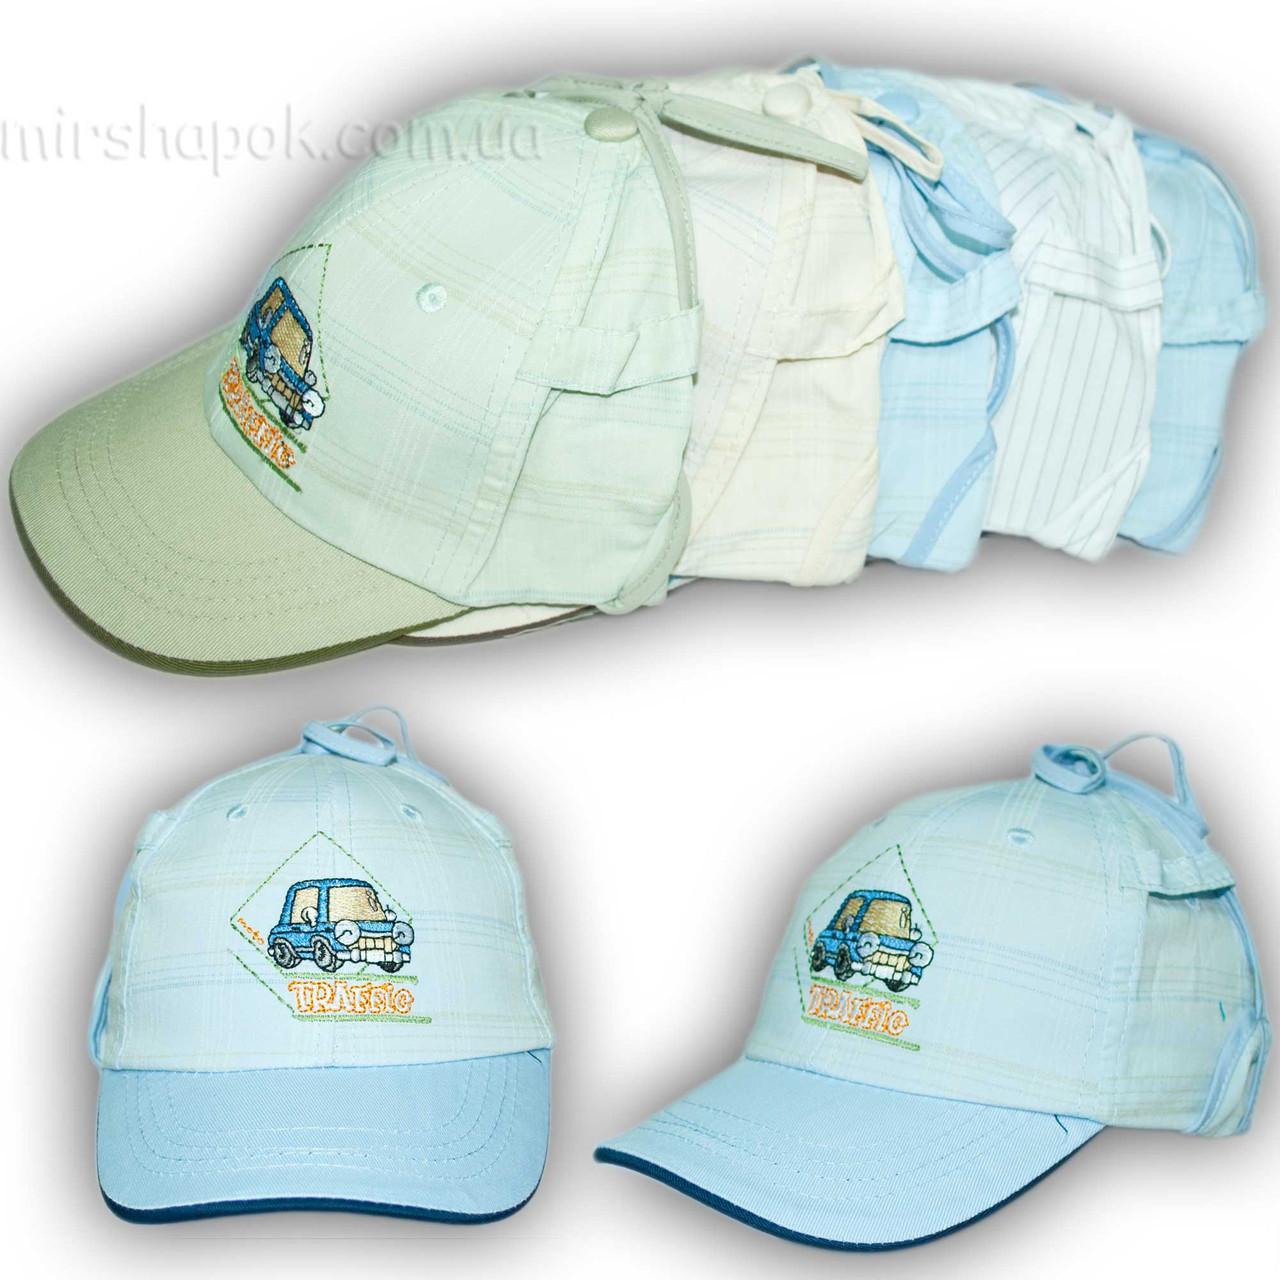 Детские кепки для мальчиков, S202